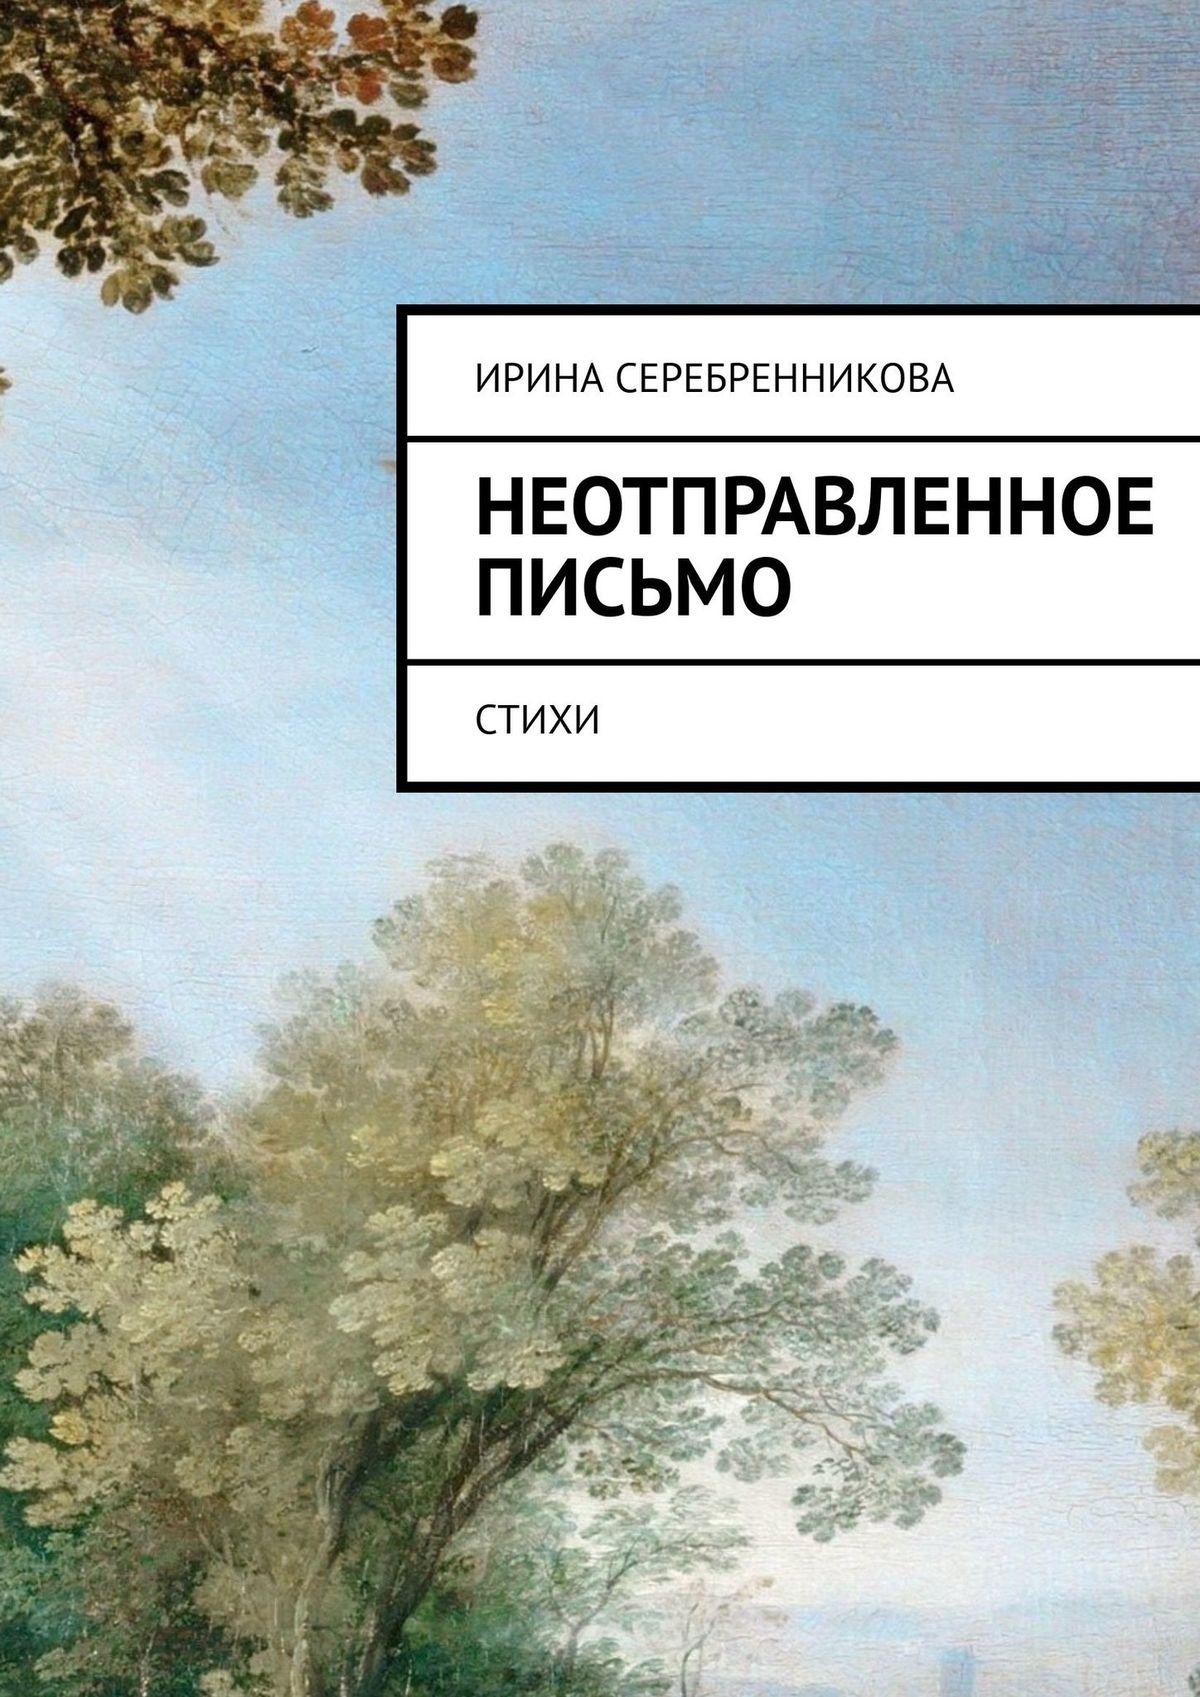 Ирина Серебренникова Неотправленное письмо. Стихи